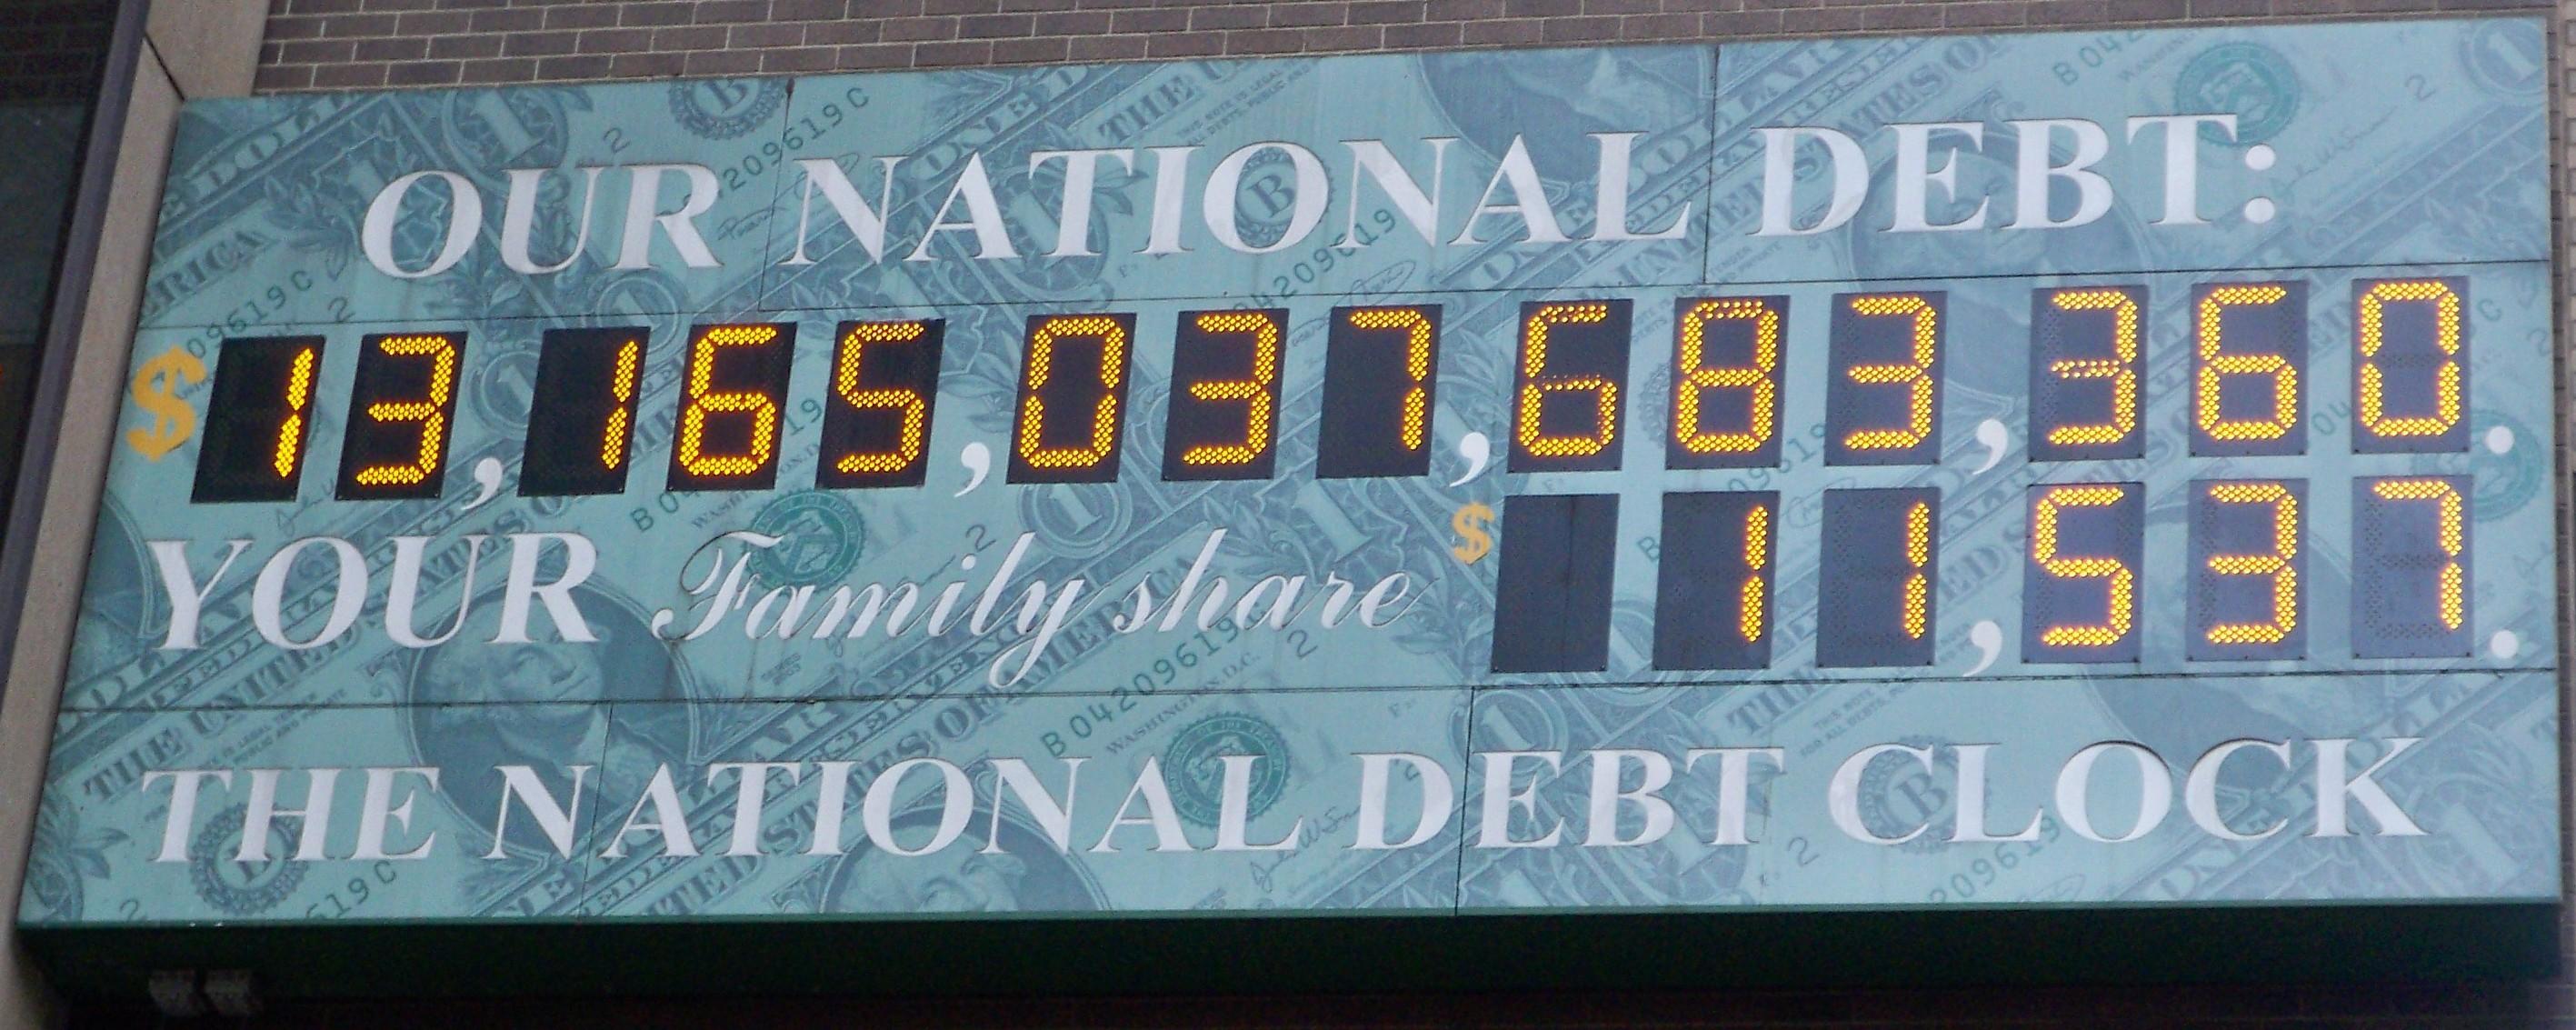 National_Debt_Clock_by_Matthew_Bisanz.JPG